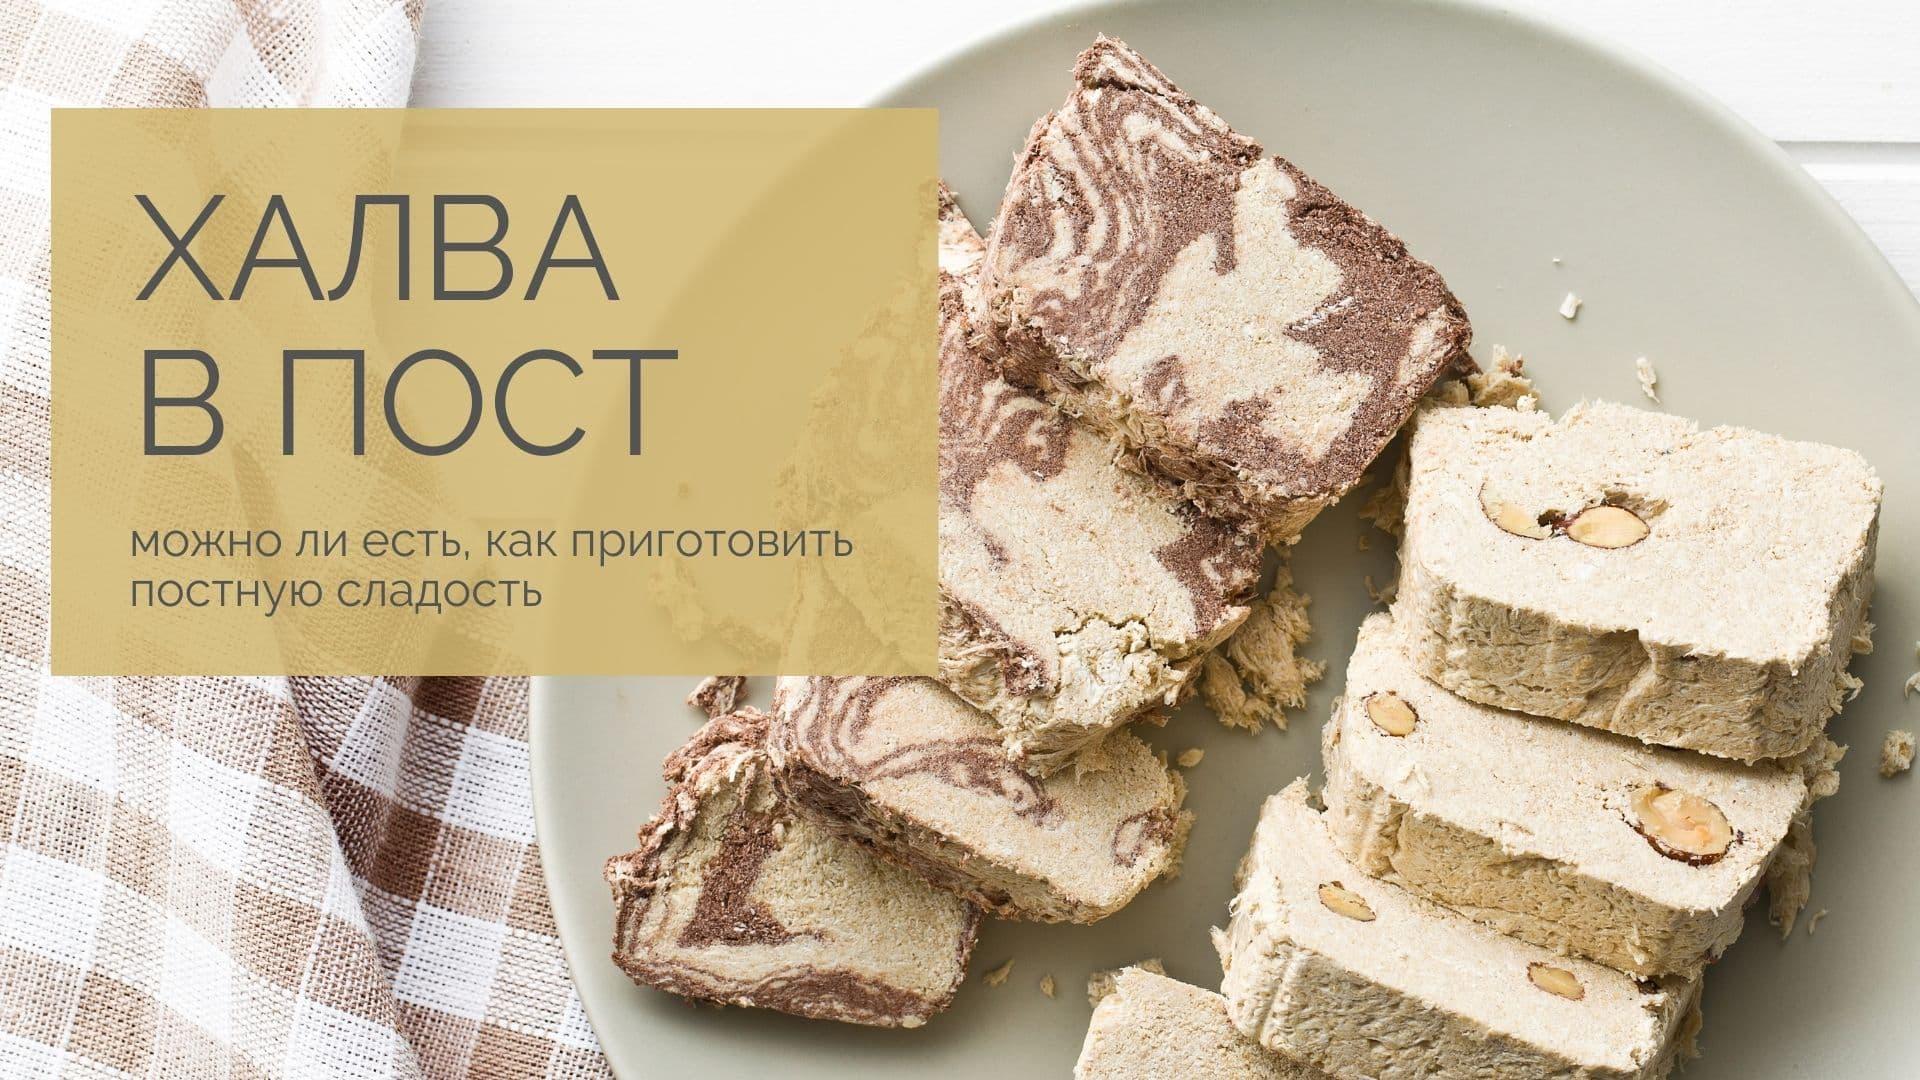 Халва в пост: можно ли есть, как приготовить постную сладость